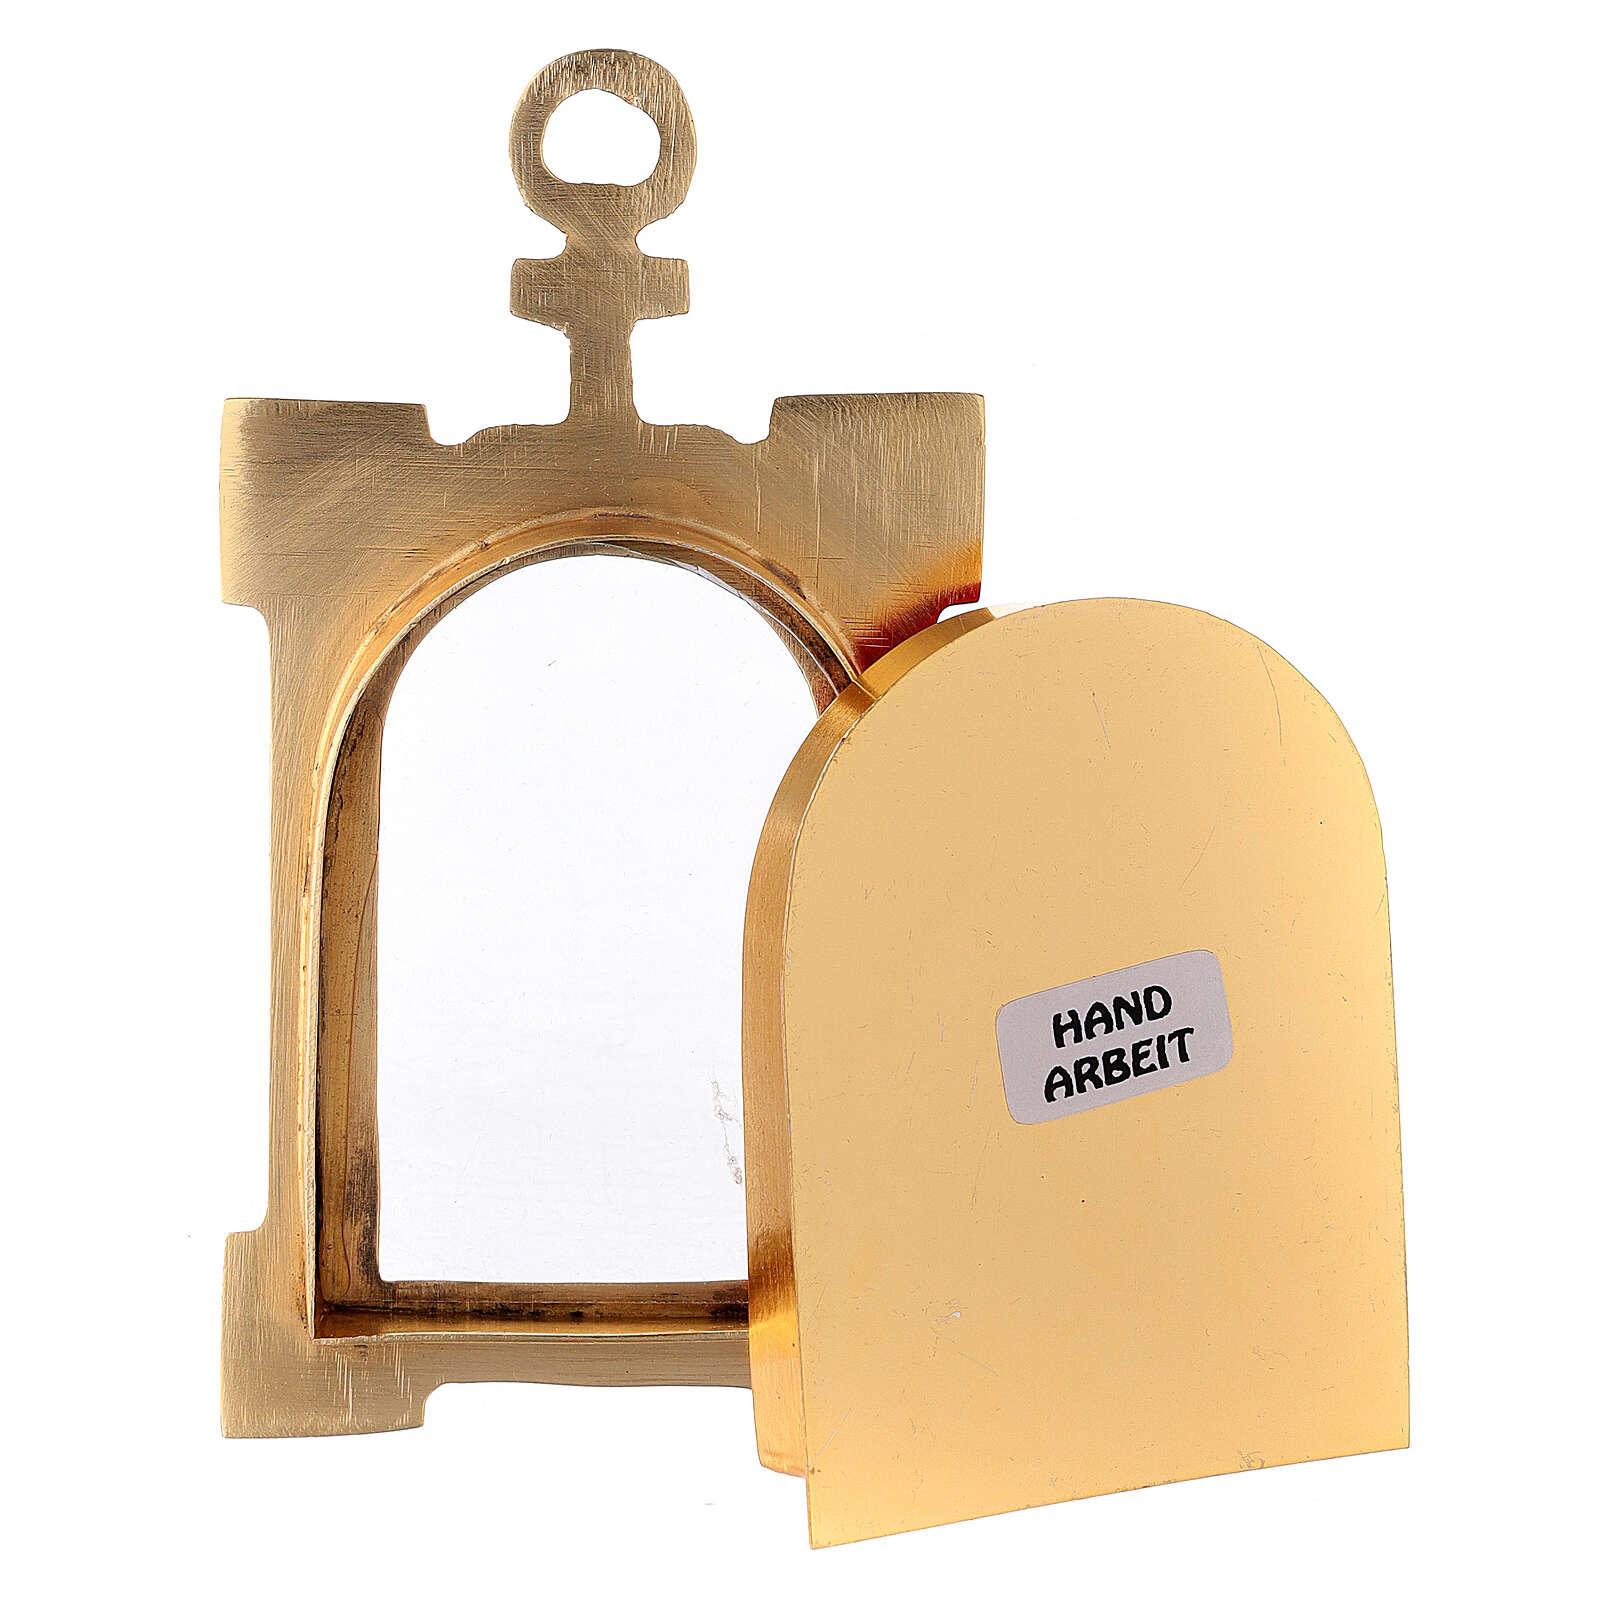 Reliquiario portale da parete ottone dorato velluto rosso 4